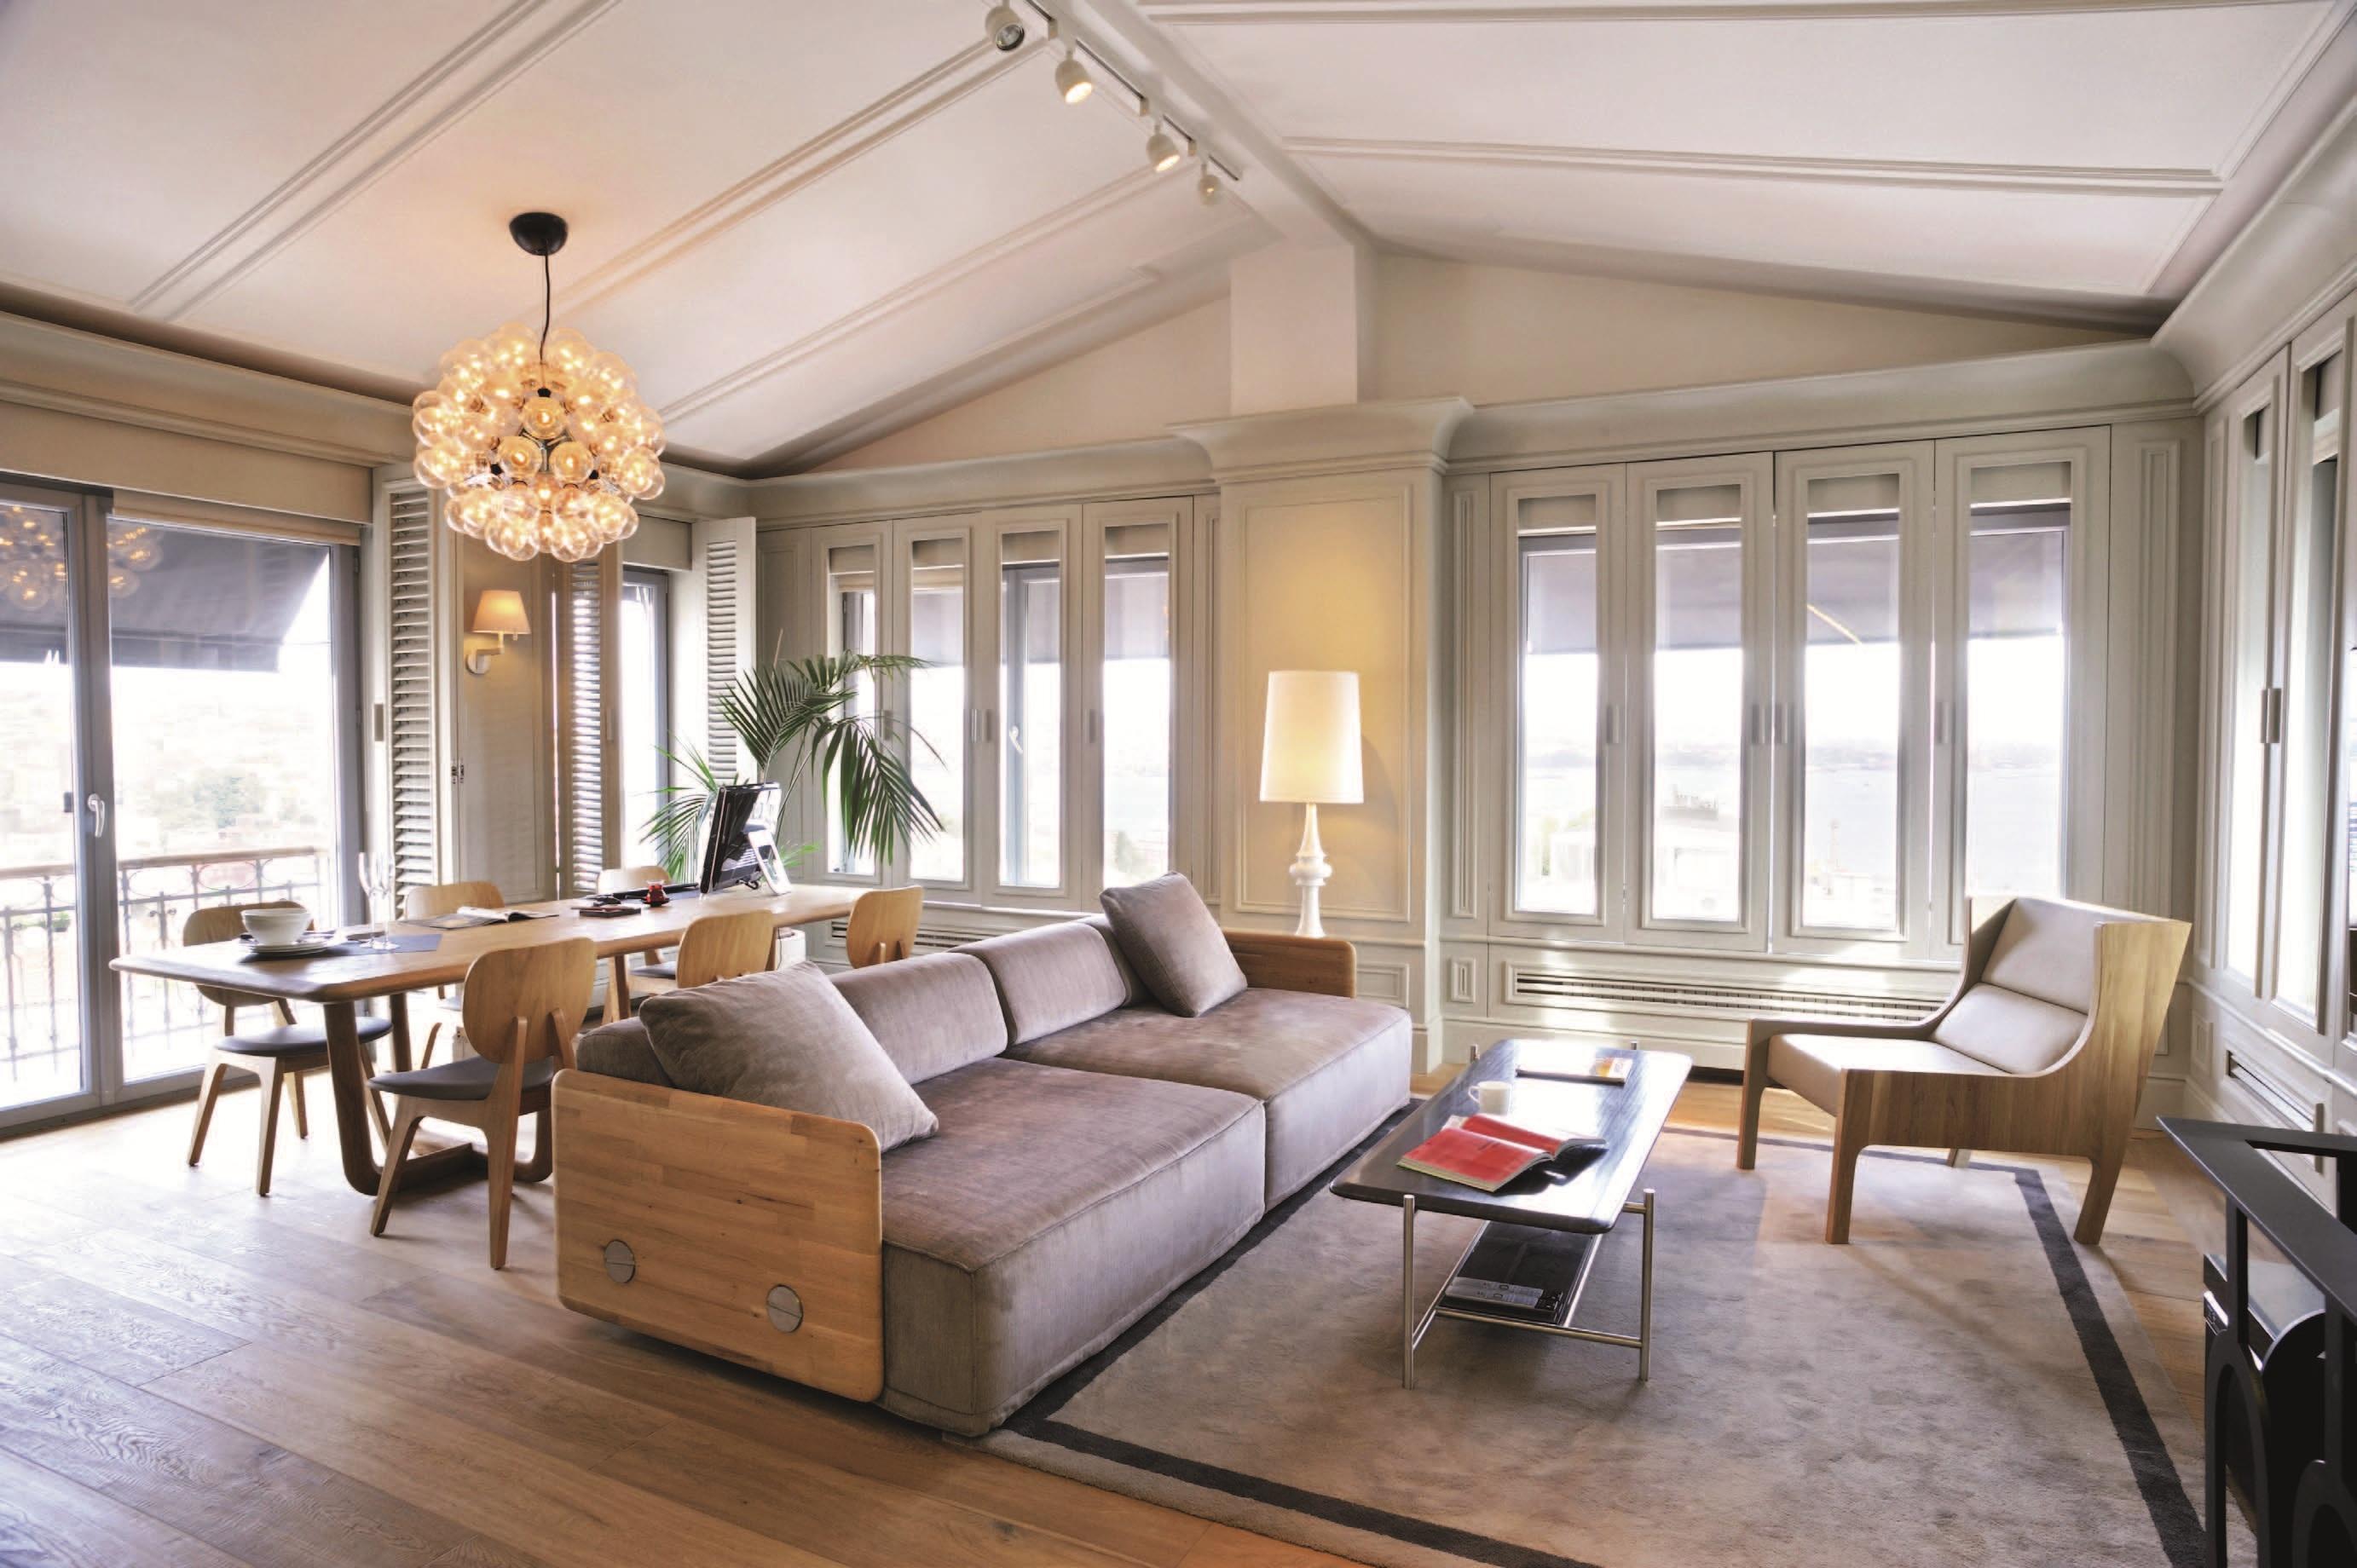 【摩登居家空間】來自伊斯坦堡暨現代又古典的LOFT空間